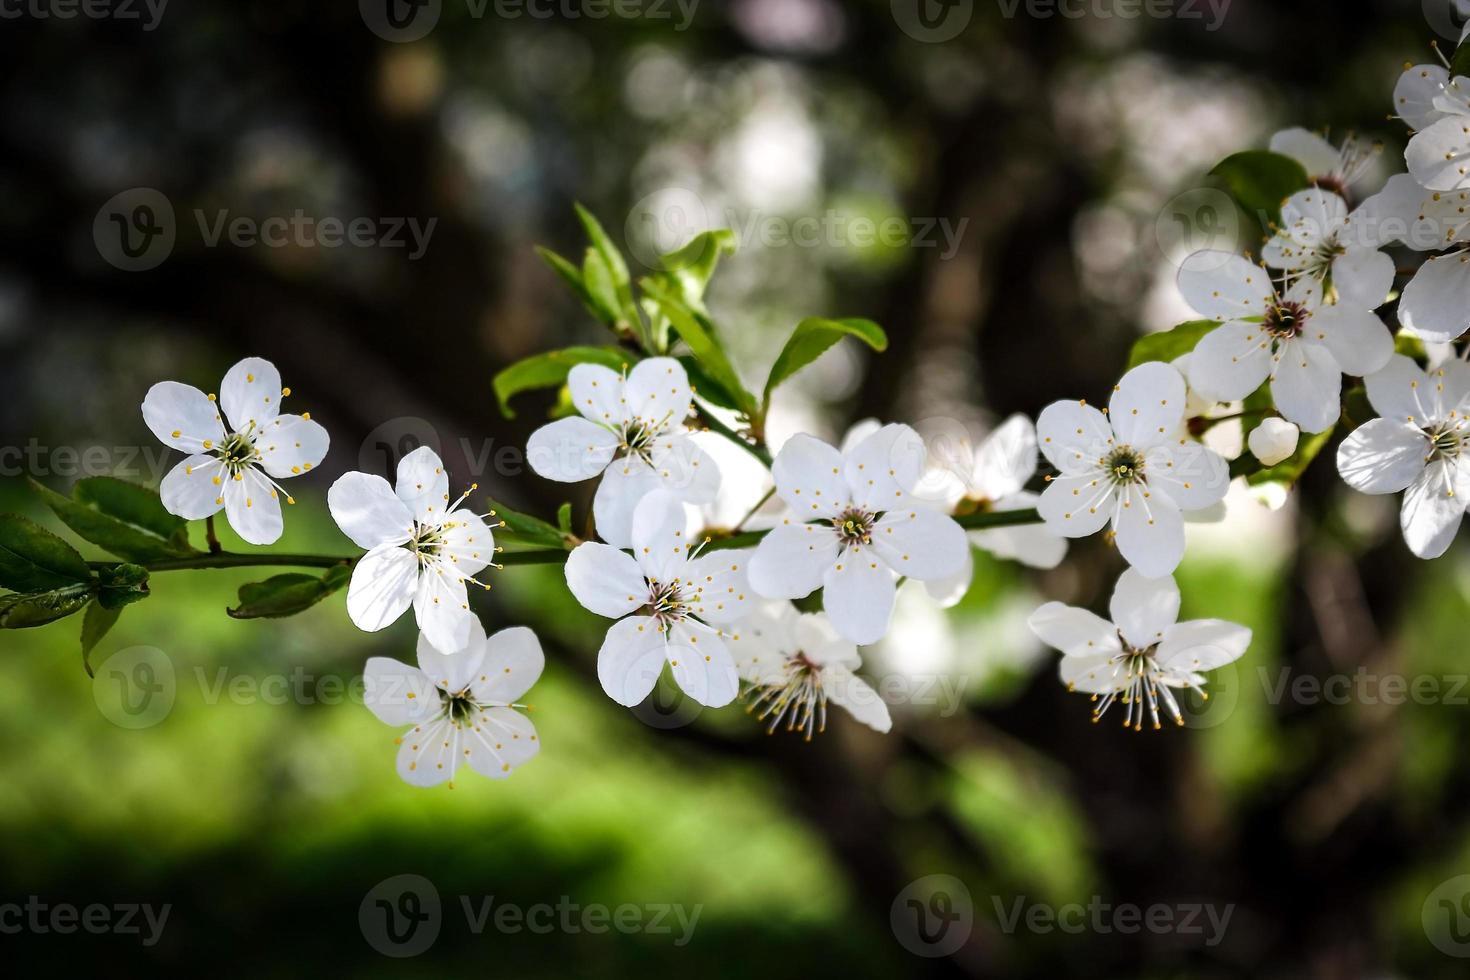 prugnolo piccoli fiori bianchi che sbocciano sul ramo su sfondo sfocato foto